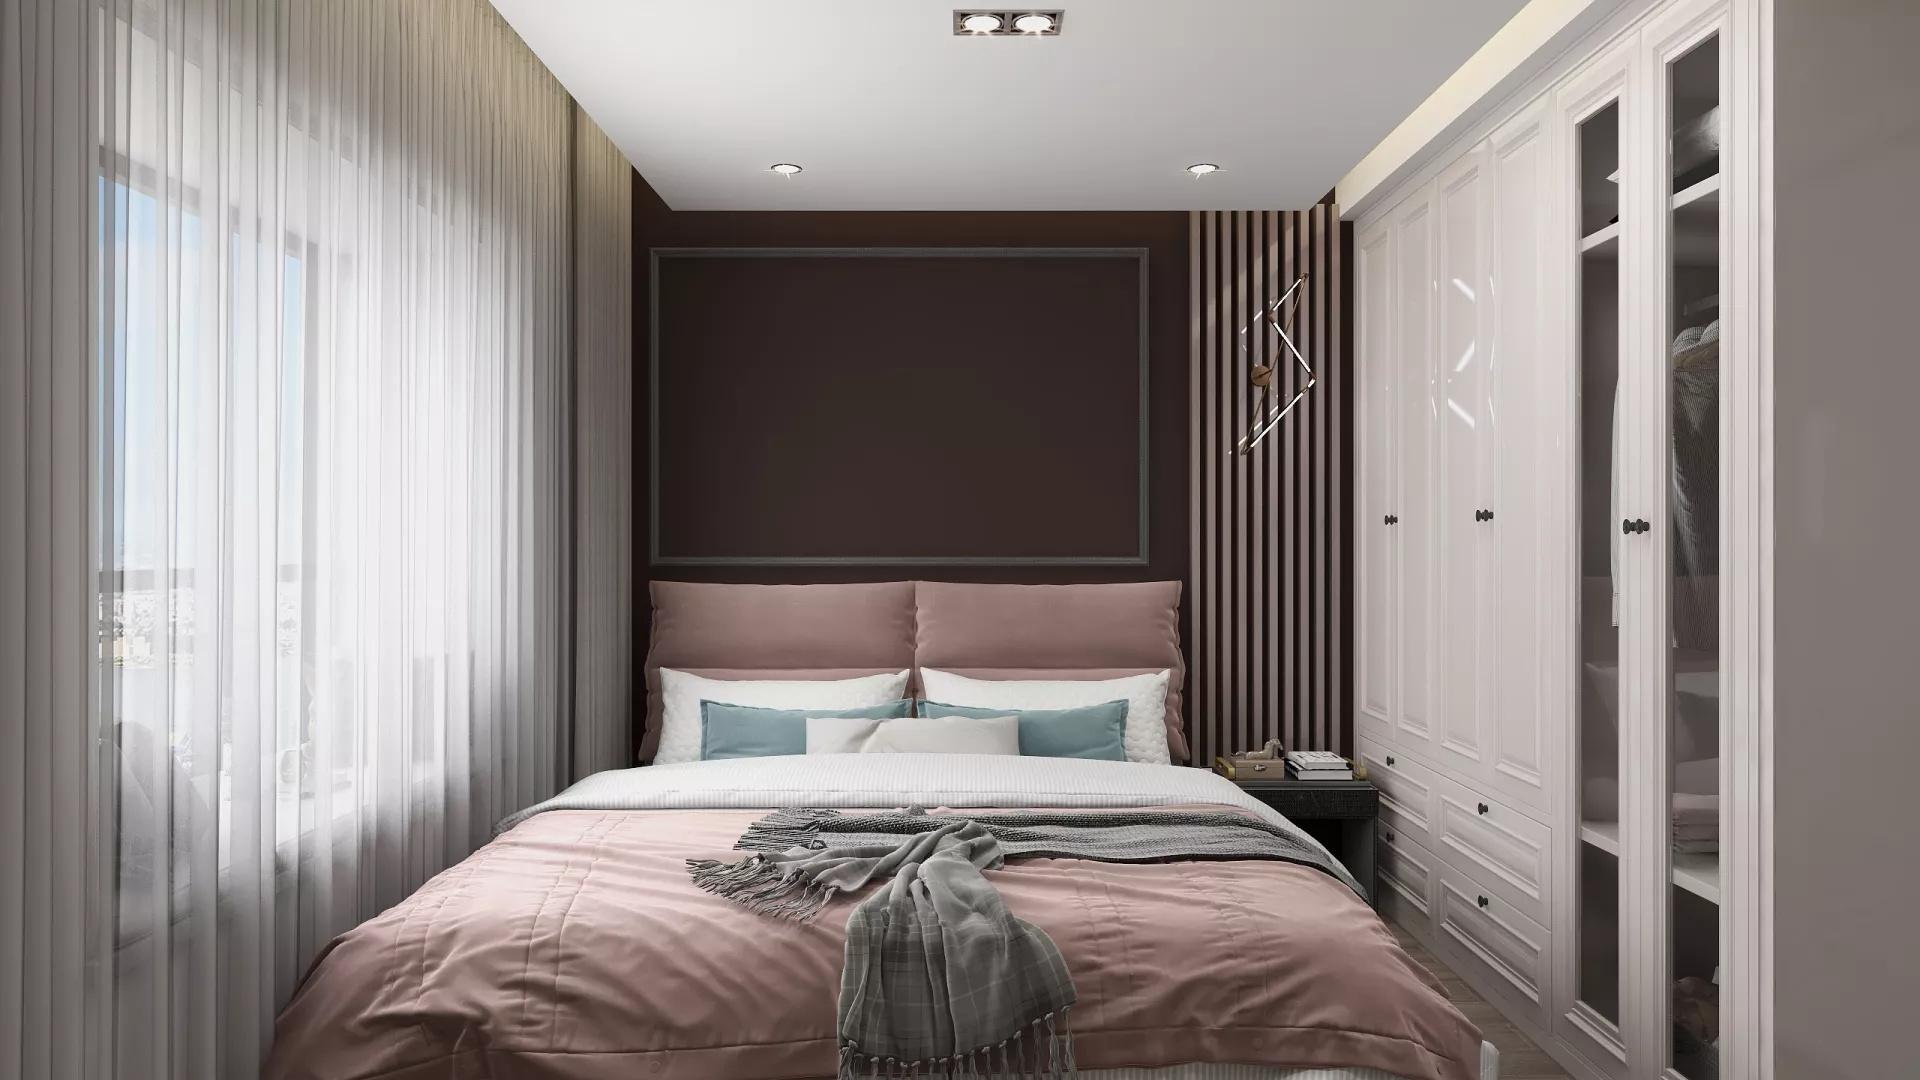 客厅,loft风格,吊顶,背景墙,公寓装修,沙发,餐桌,150平米以上,艺术,另类